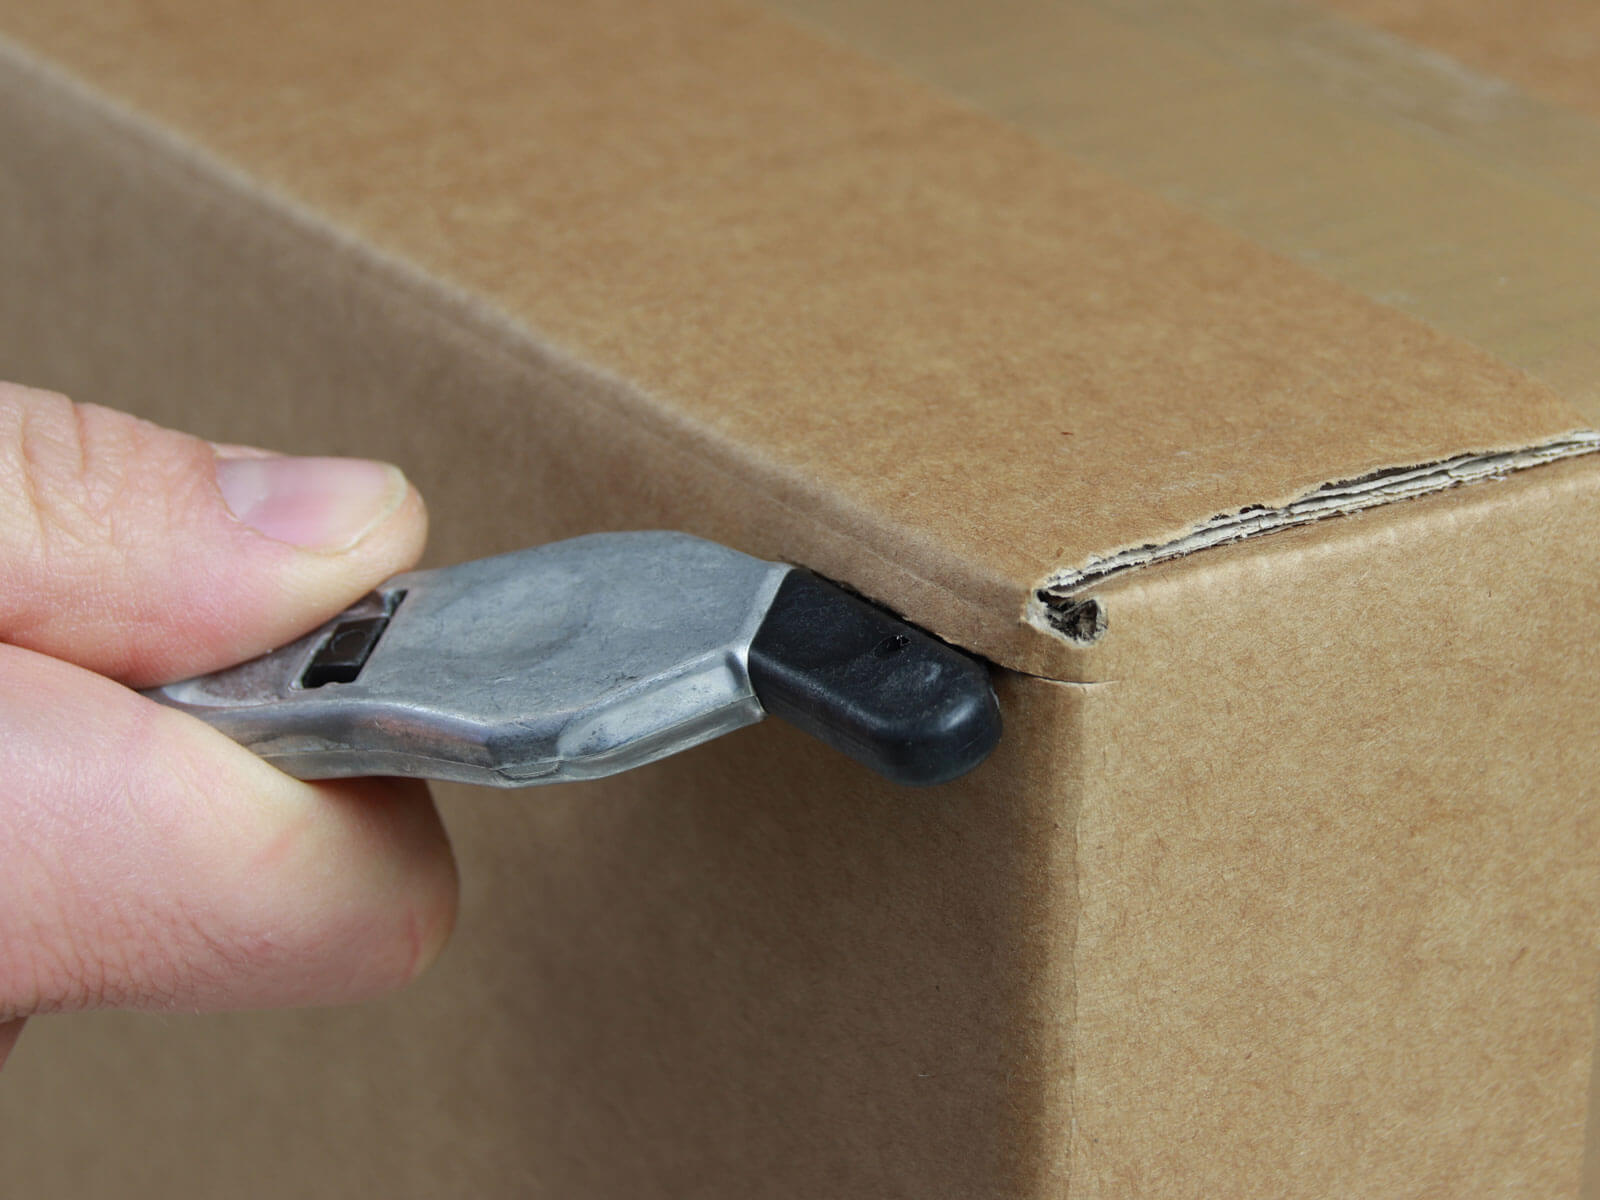 H032P Sicherheitsmesser Schutzhaken metall Karton schneiden abdeckeln CURT-tools